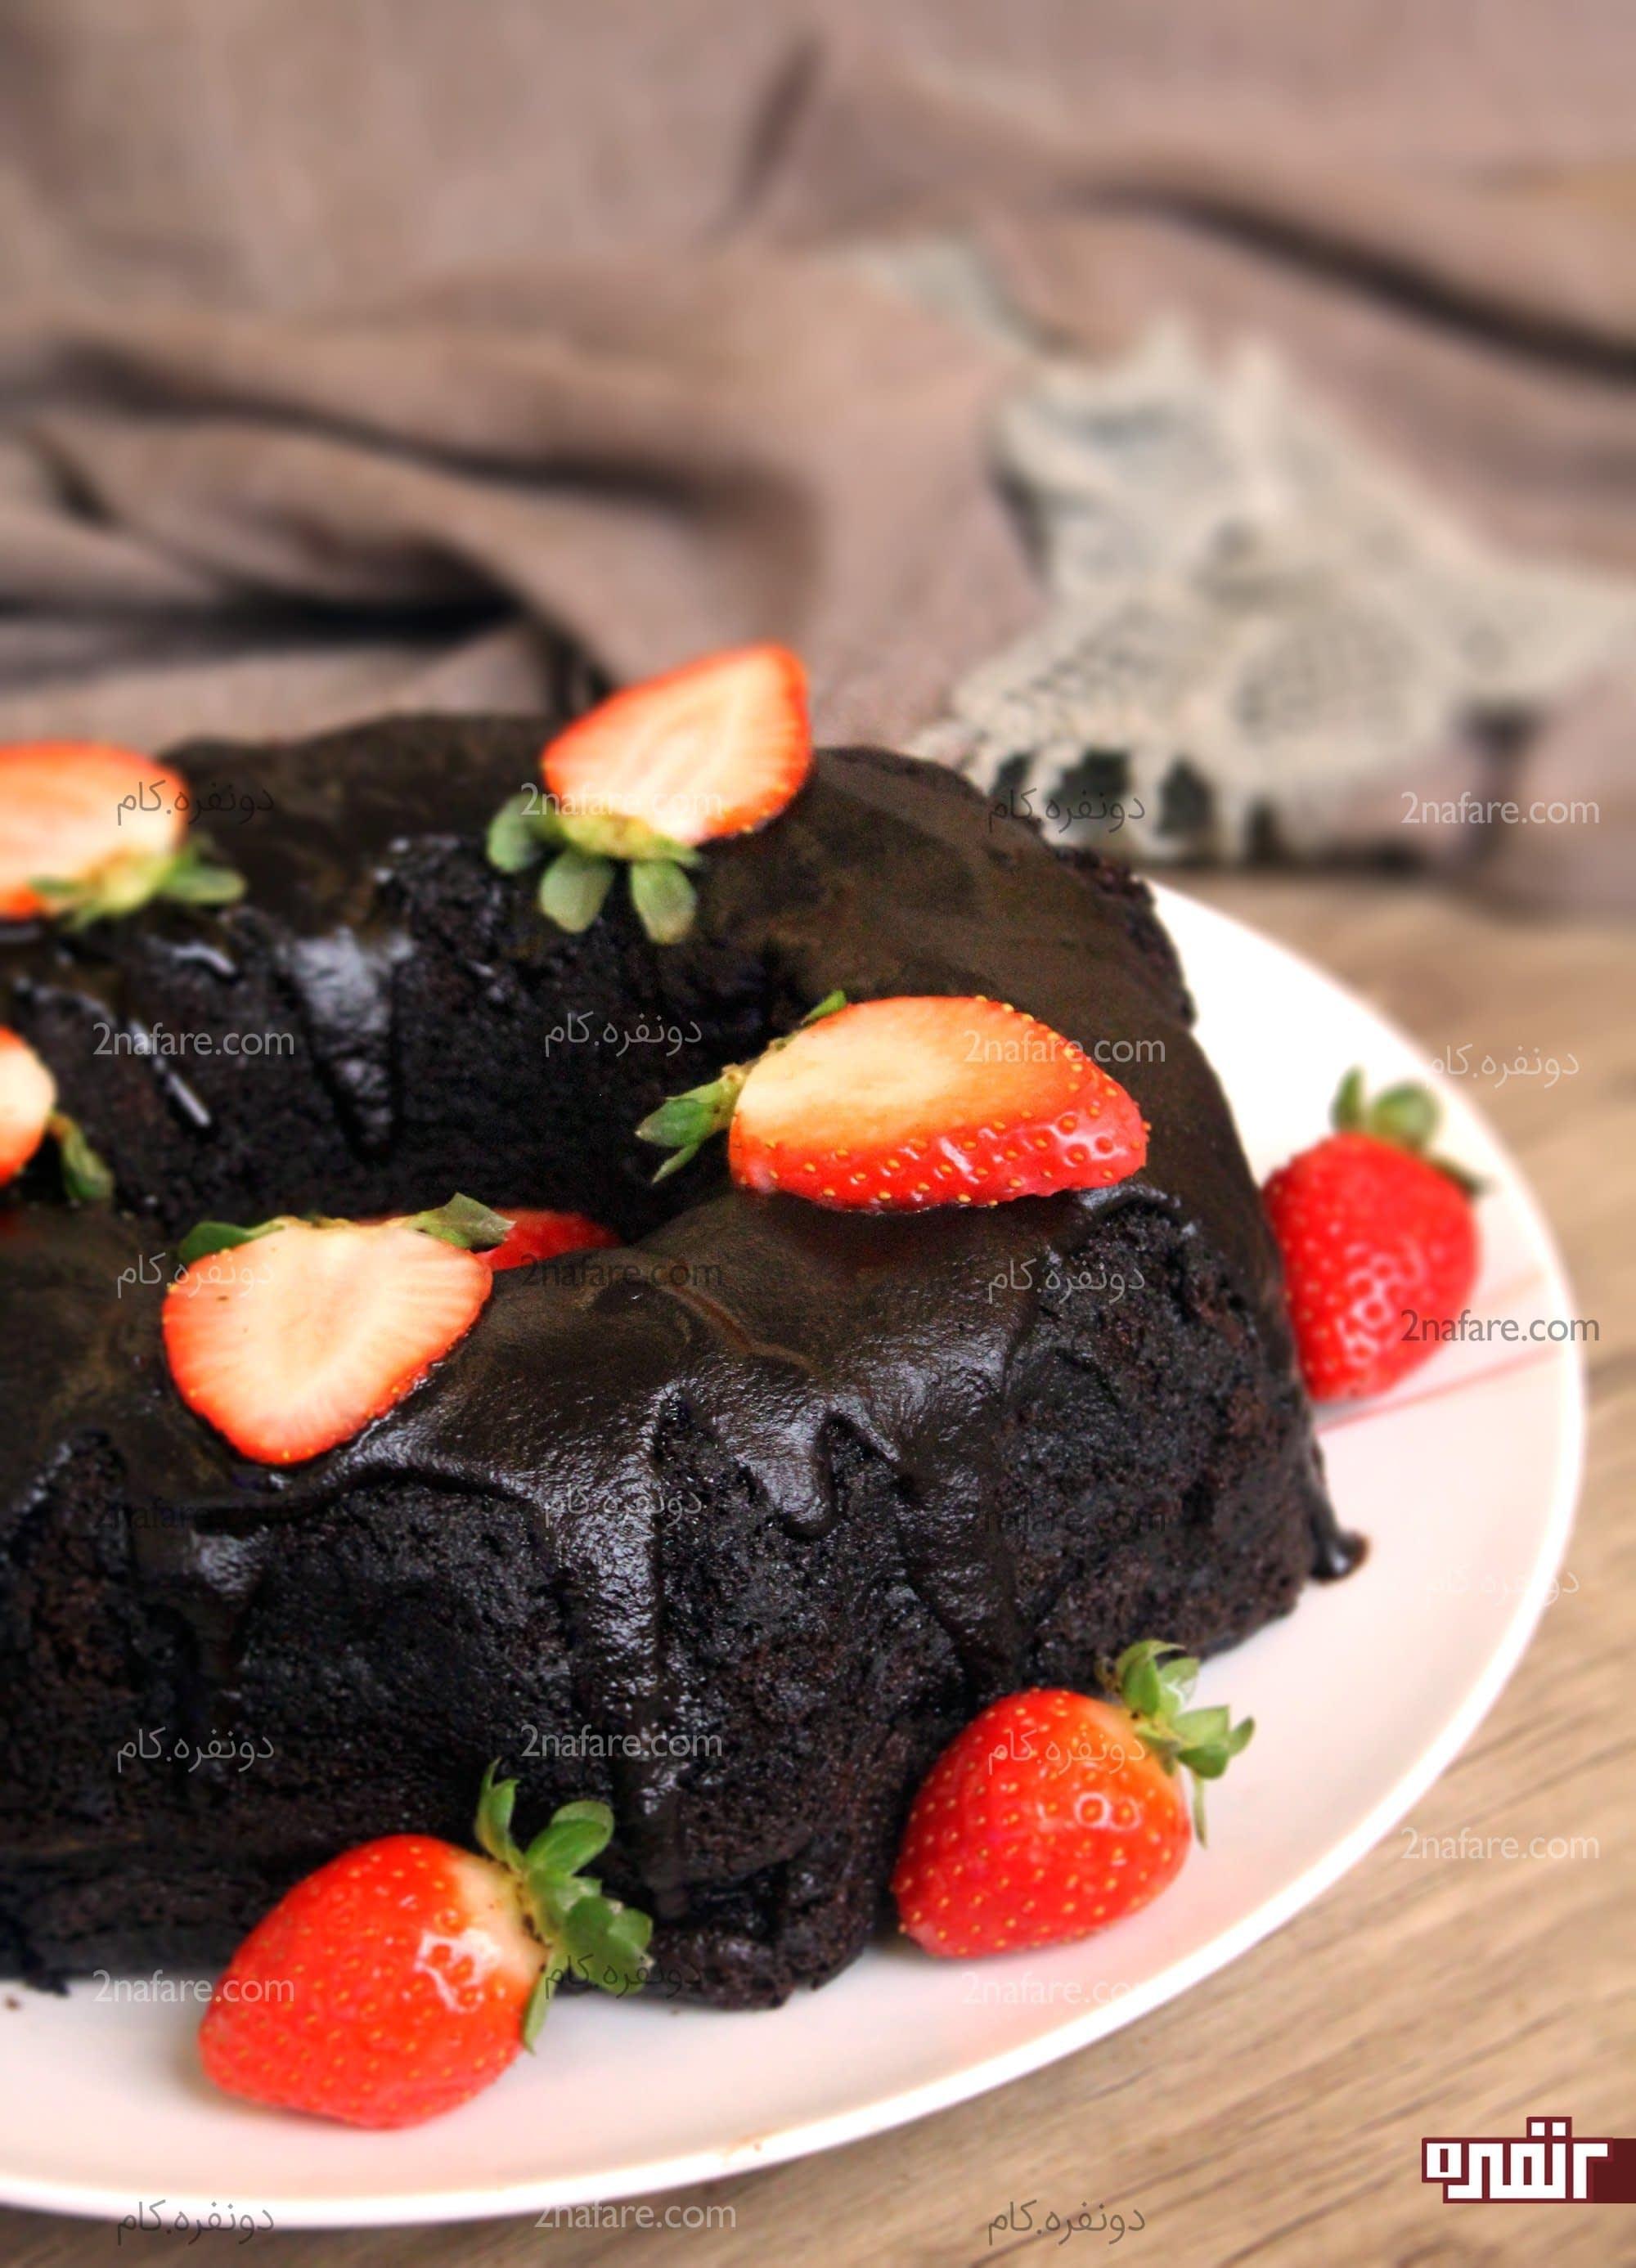 طرز تهیه کیک شکلاتی خوشمزه مرحله به مرحله • دونفره